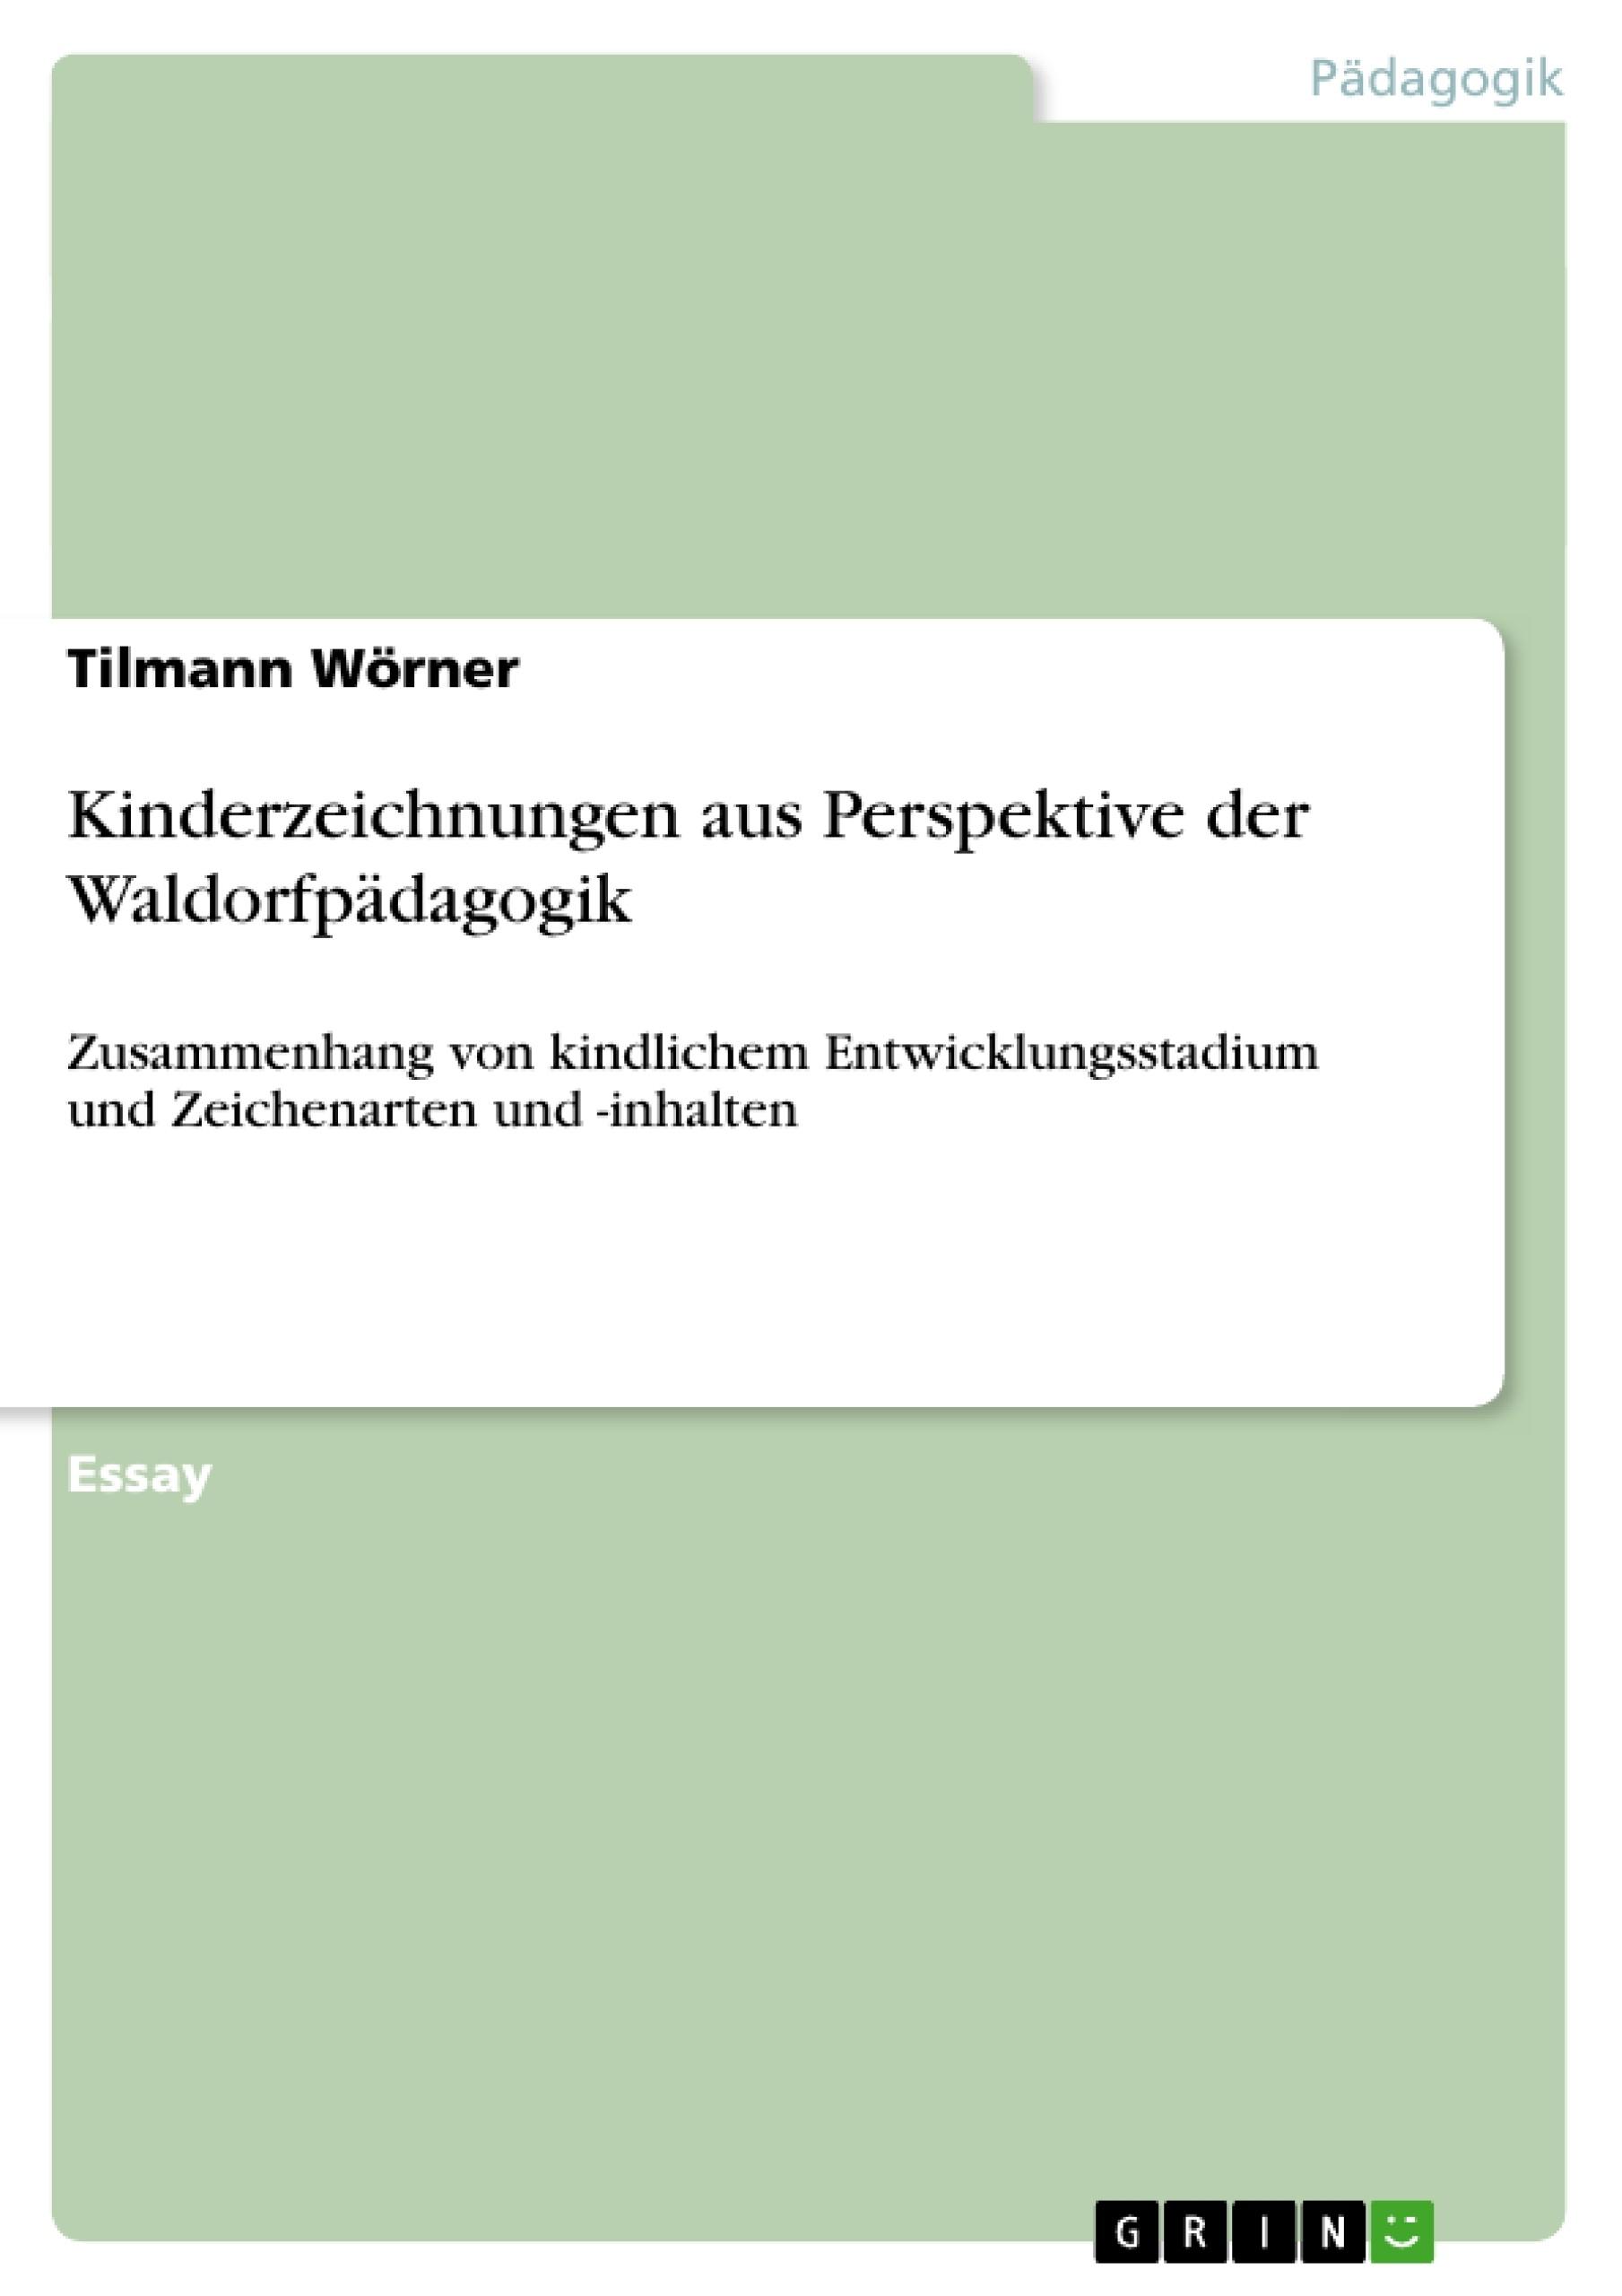 Titel: Kinderzeichnungen aus Perspektive der Waldorfpädagogik